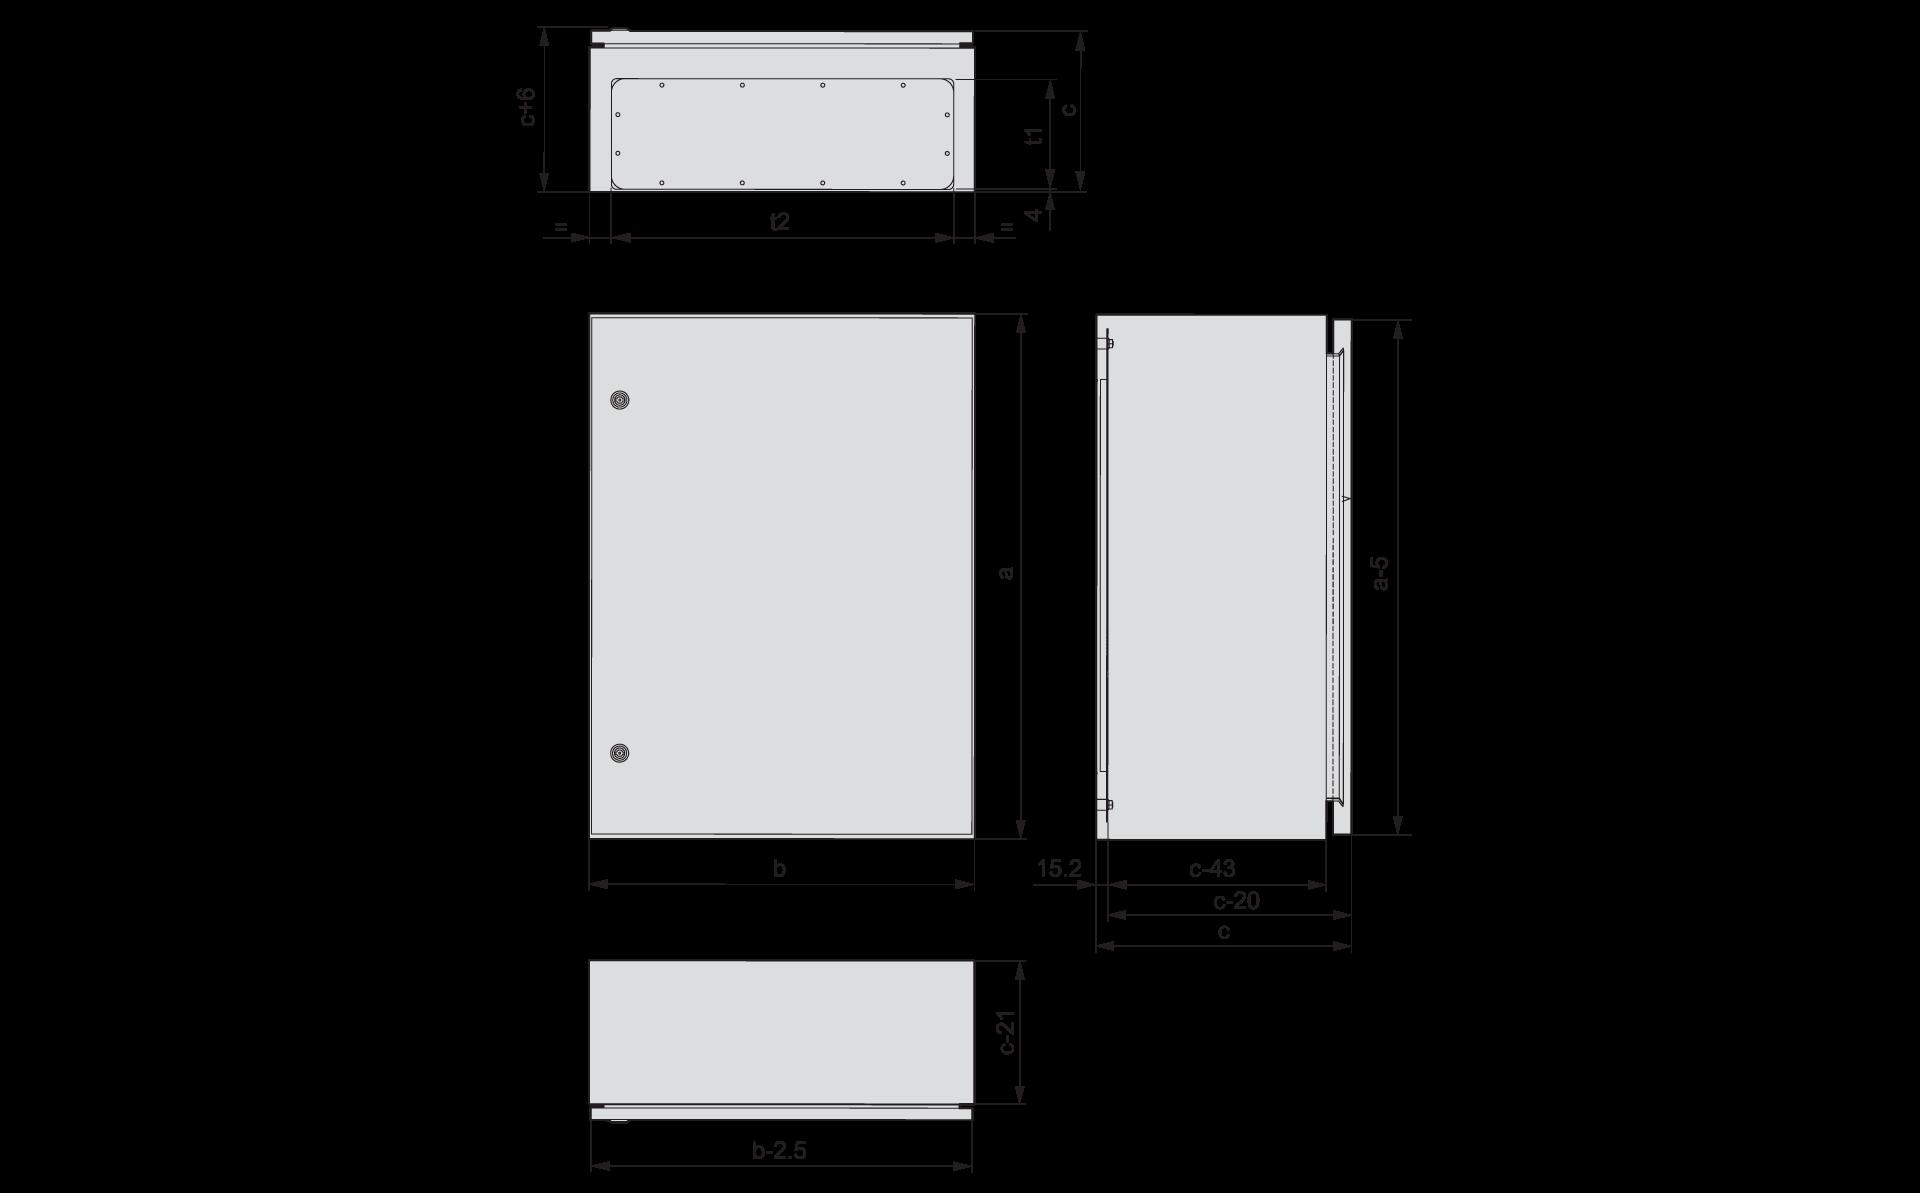 Щиты CS с дверями глухими панелями для фланцев